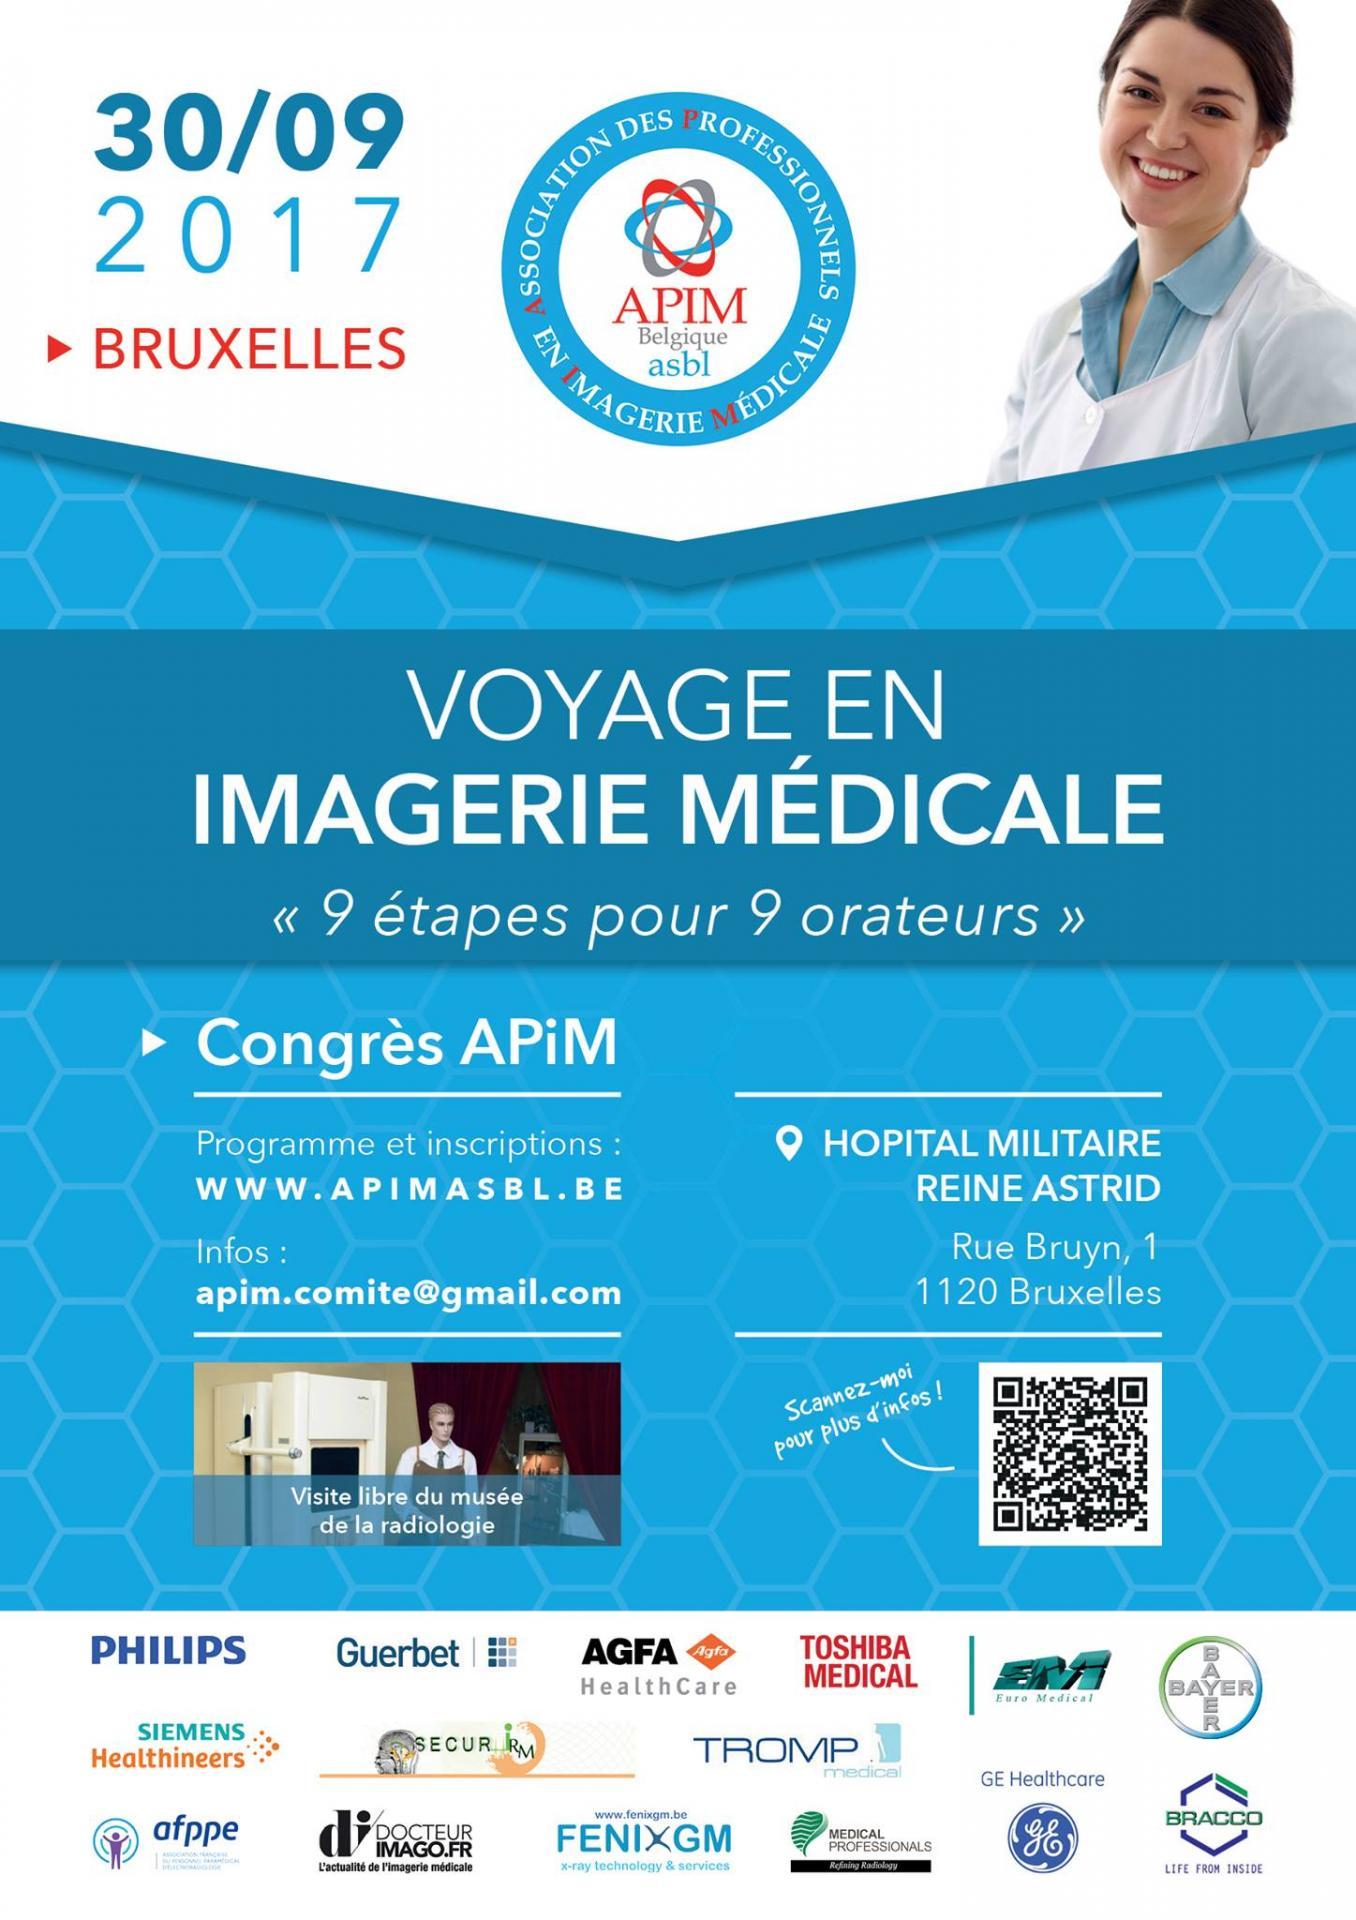 Voyage en imagerie médicale: 9 étapes pour 9 orateurs